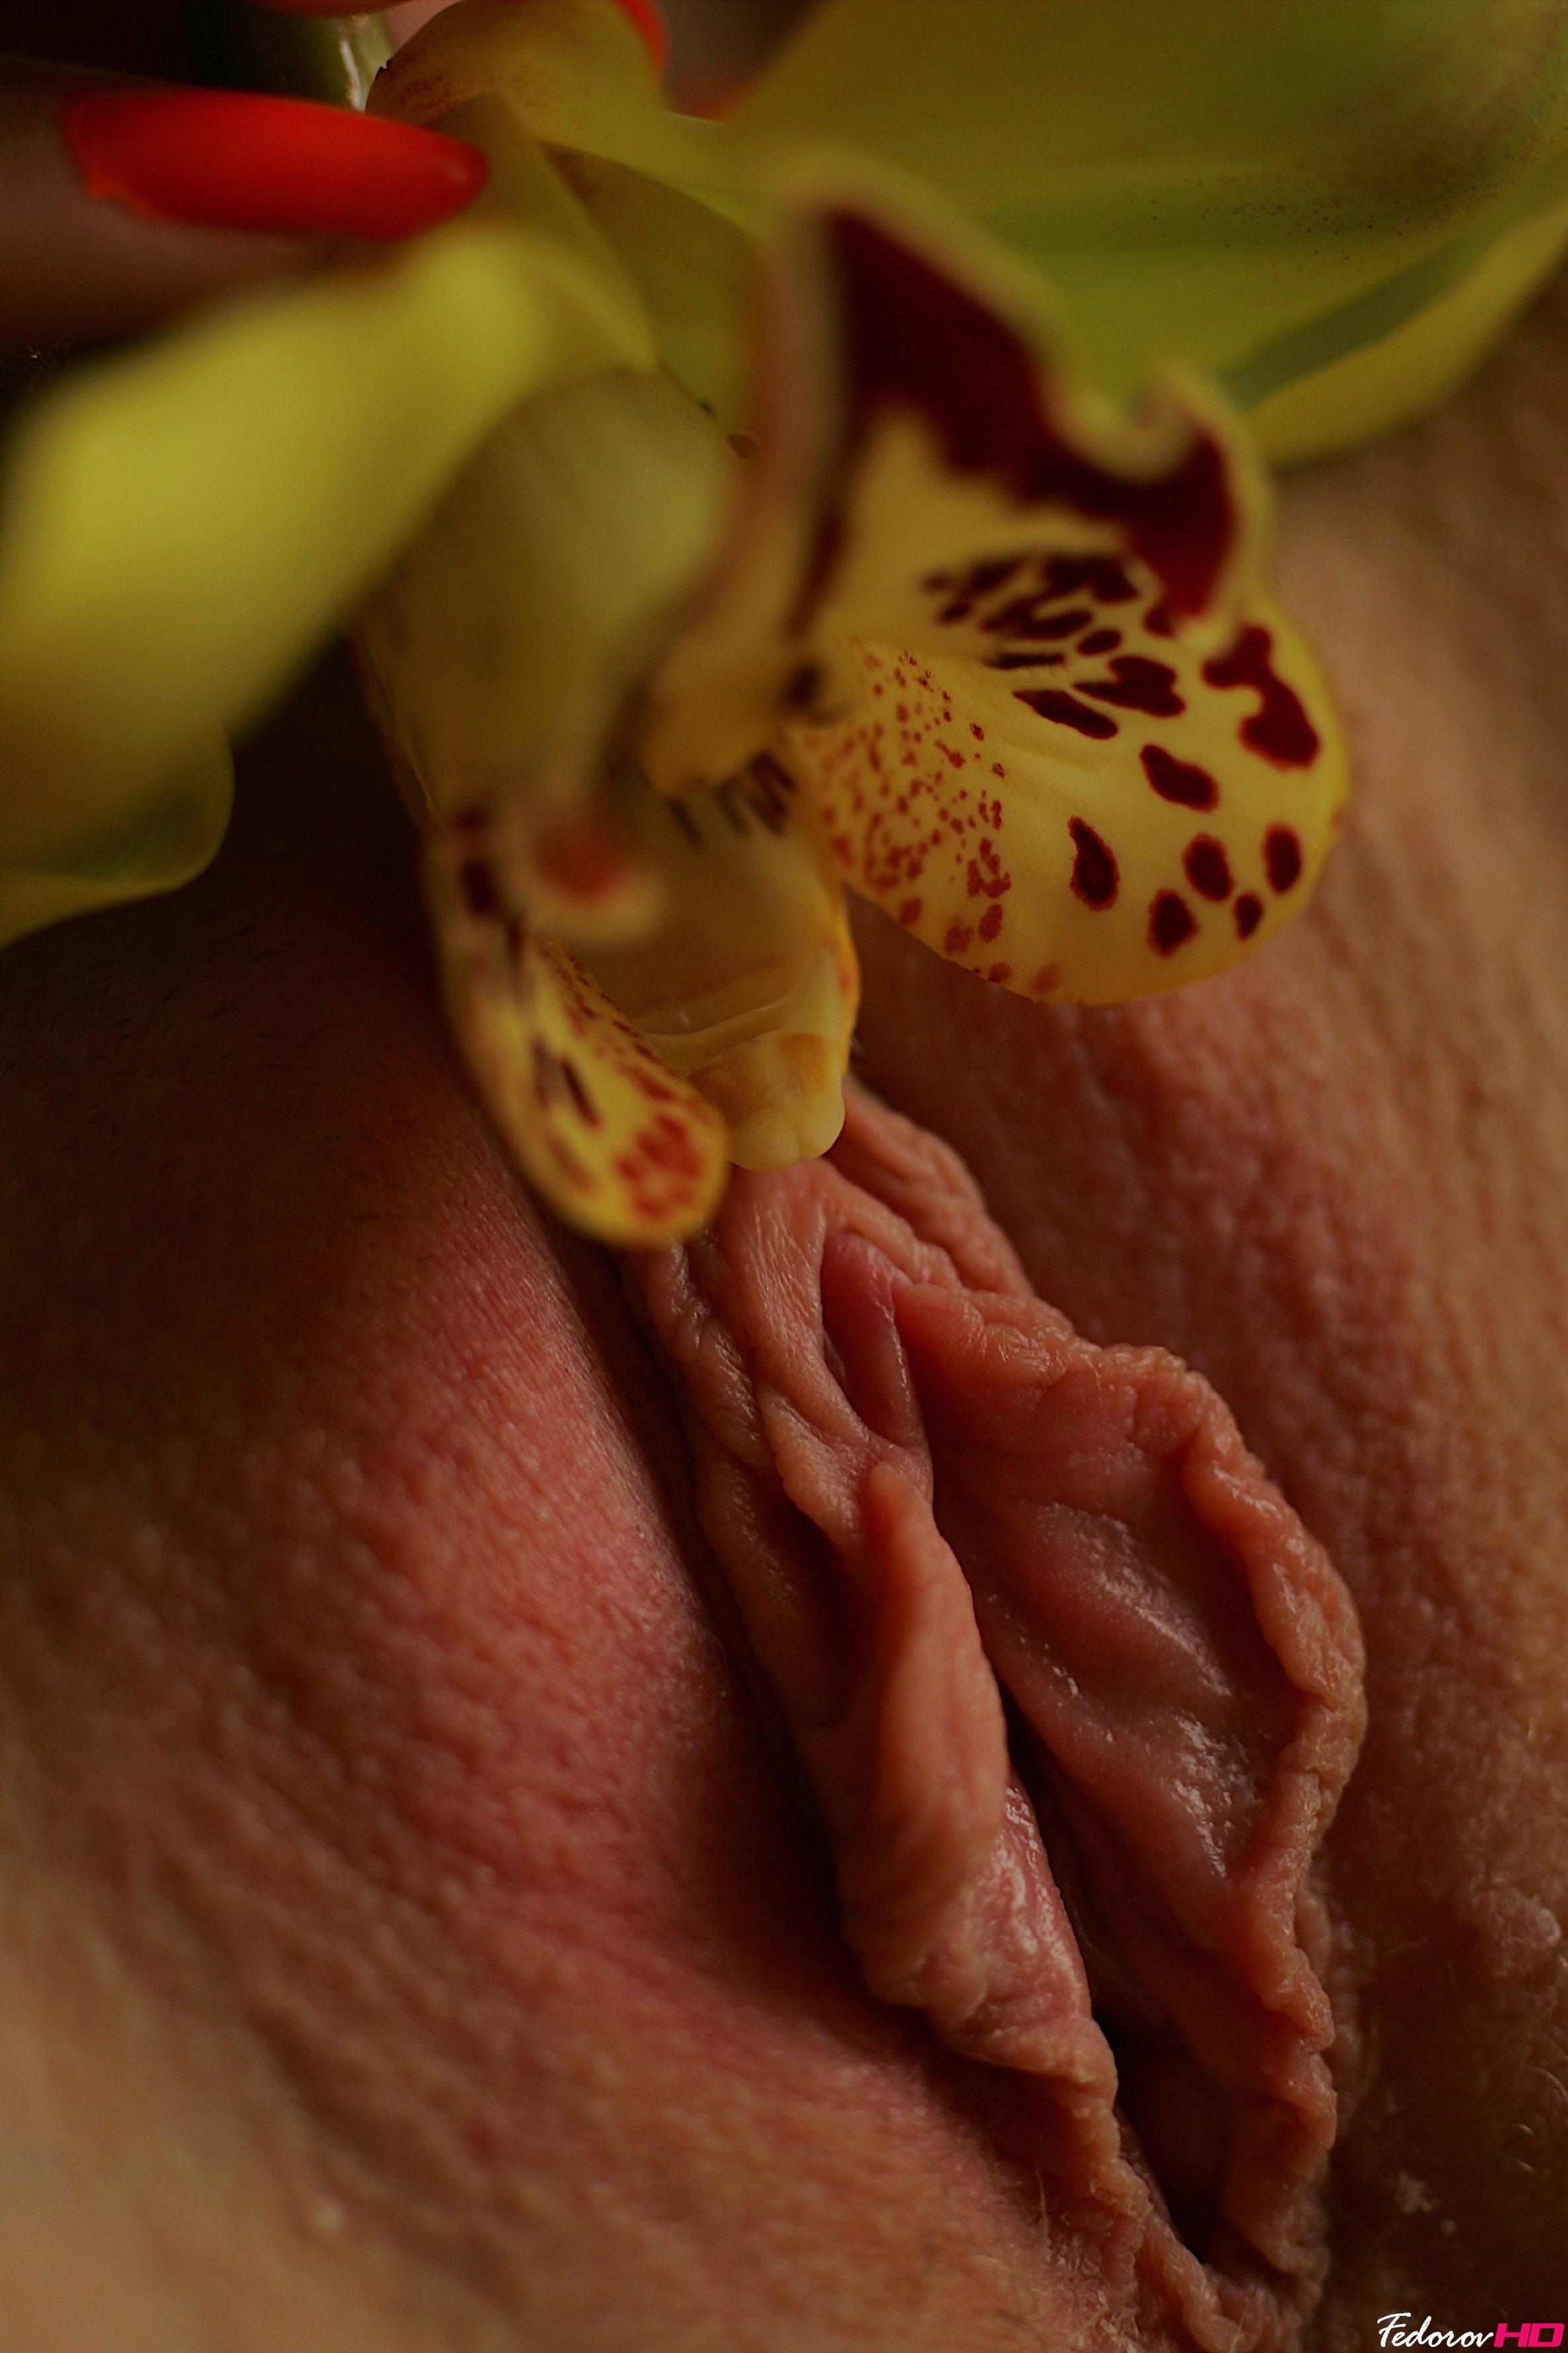 Vulva And Vagina